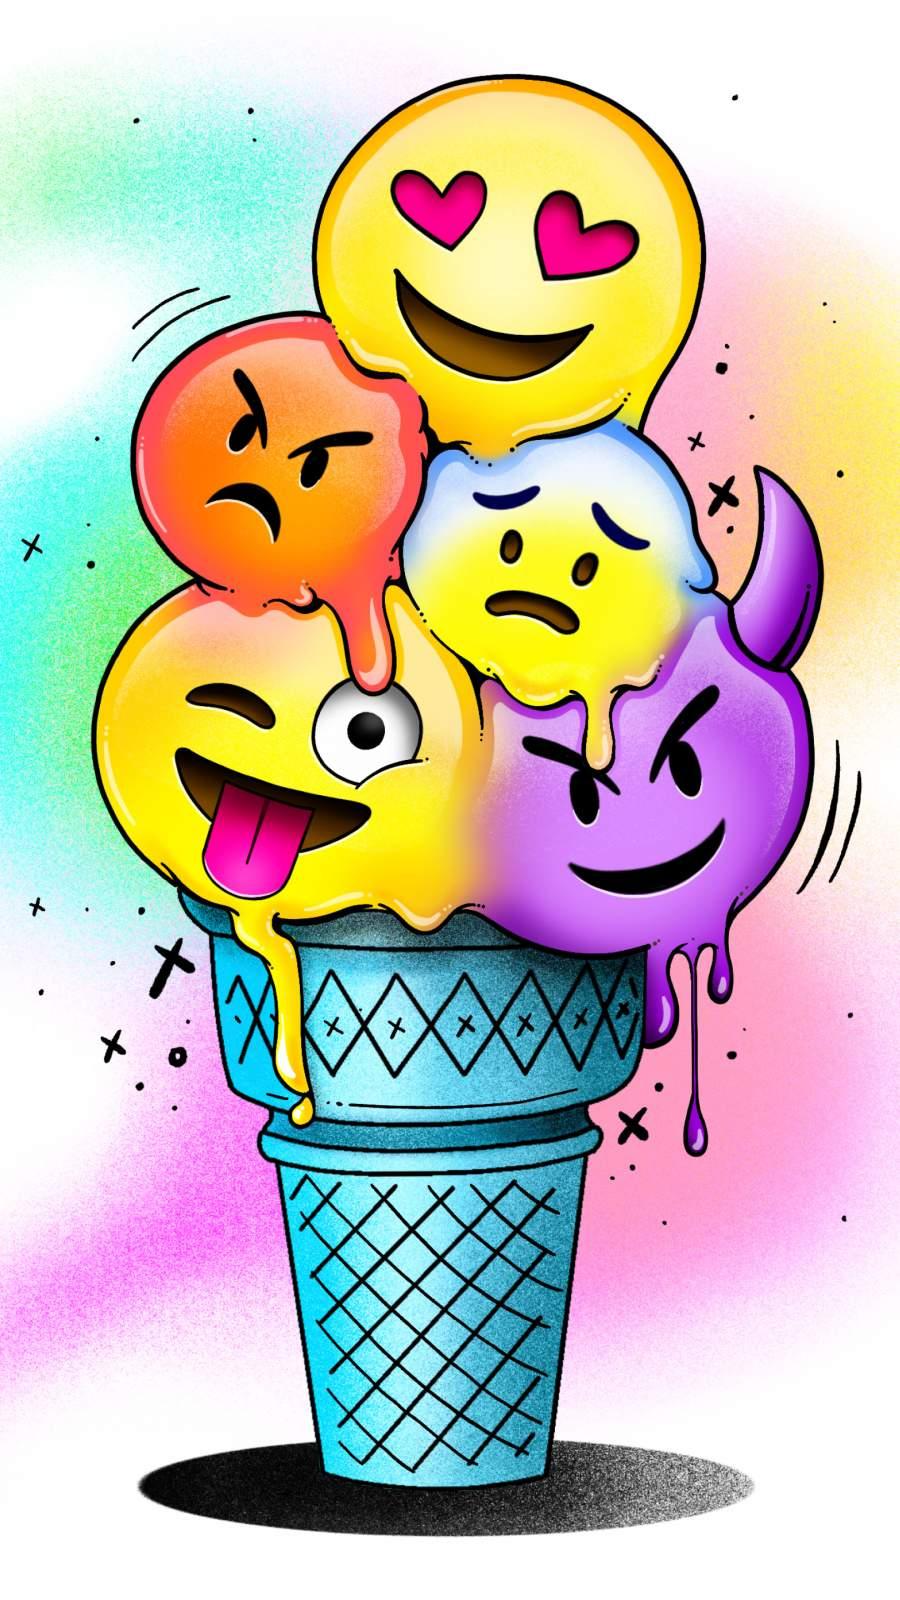 Emoji Cone iPhone Wallpaper